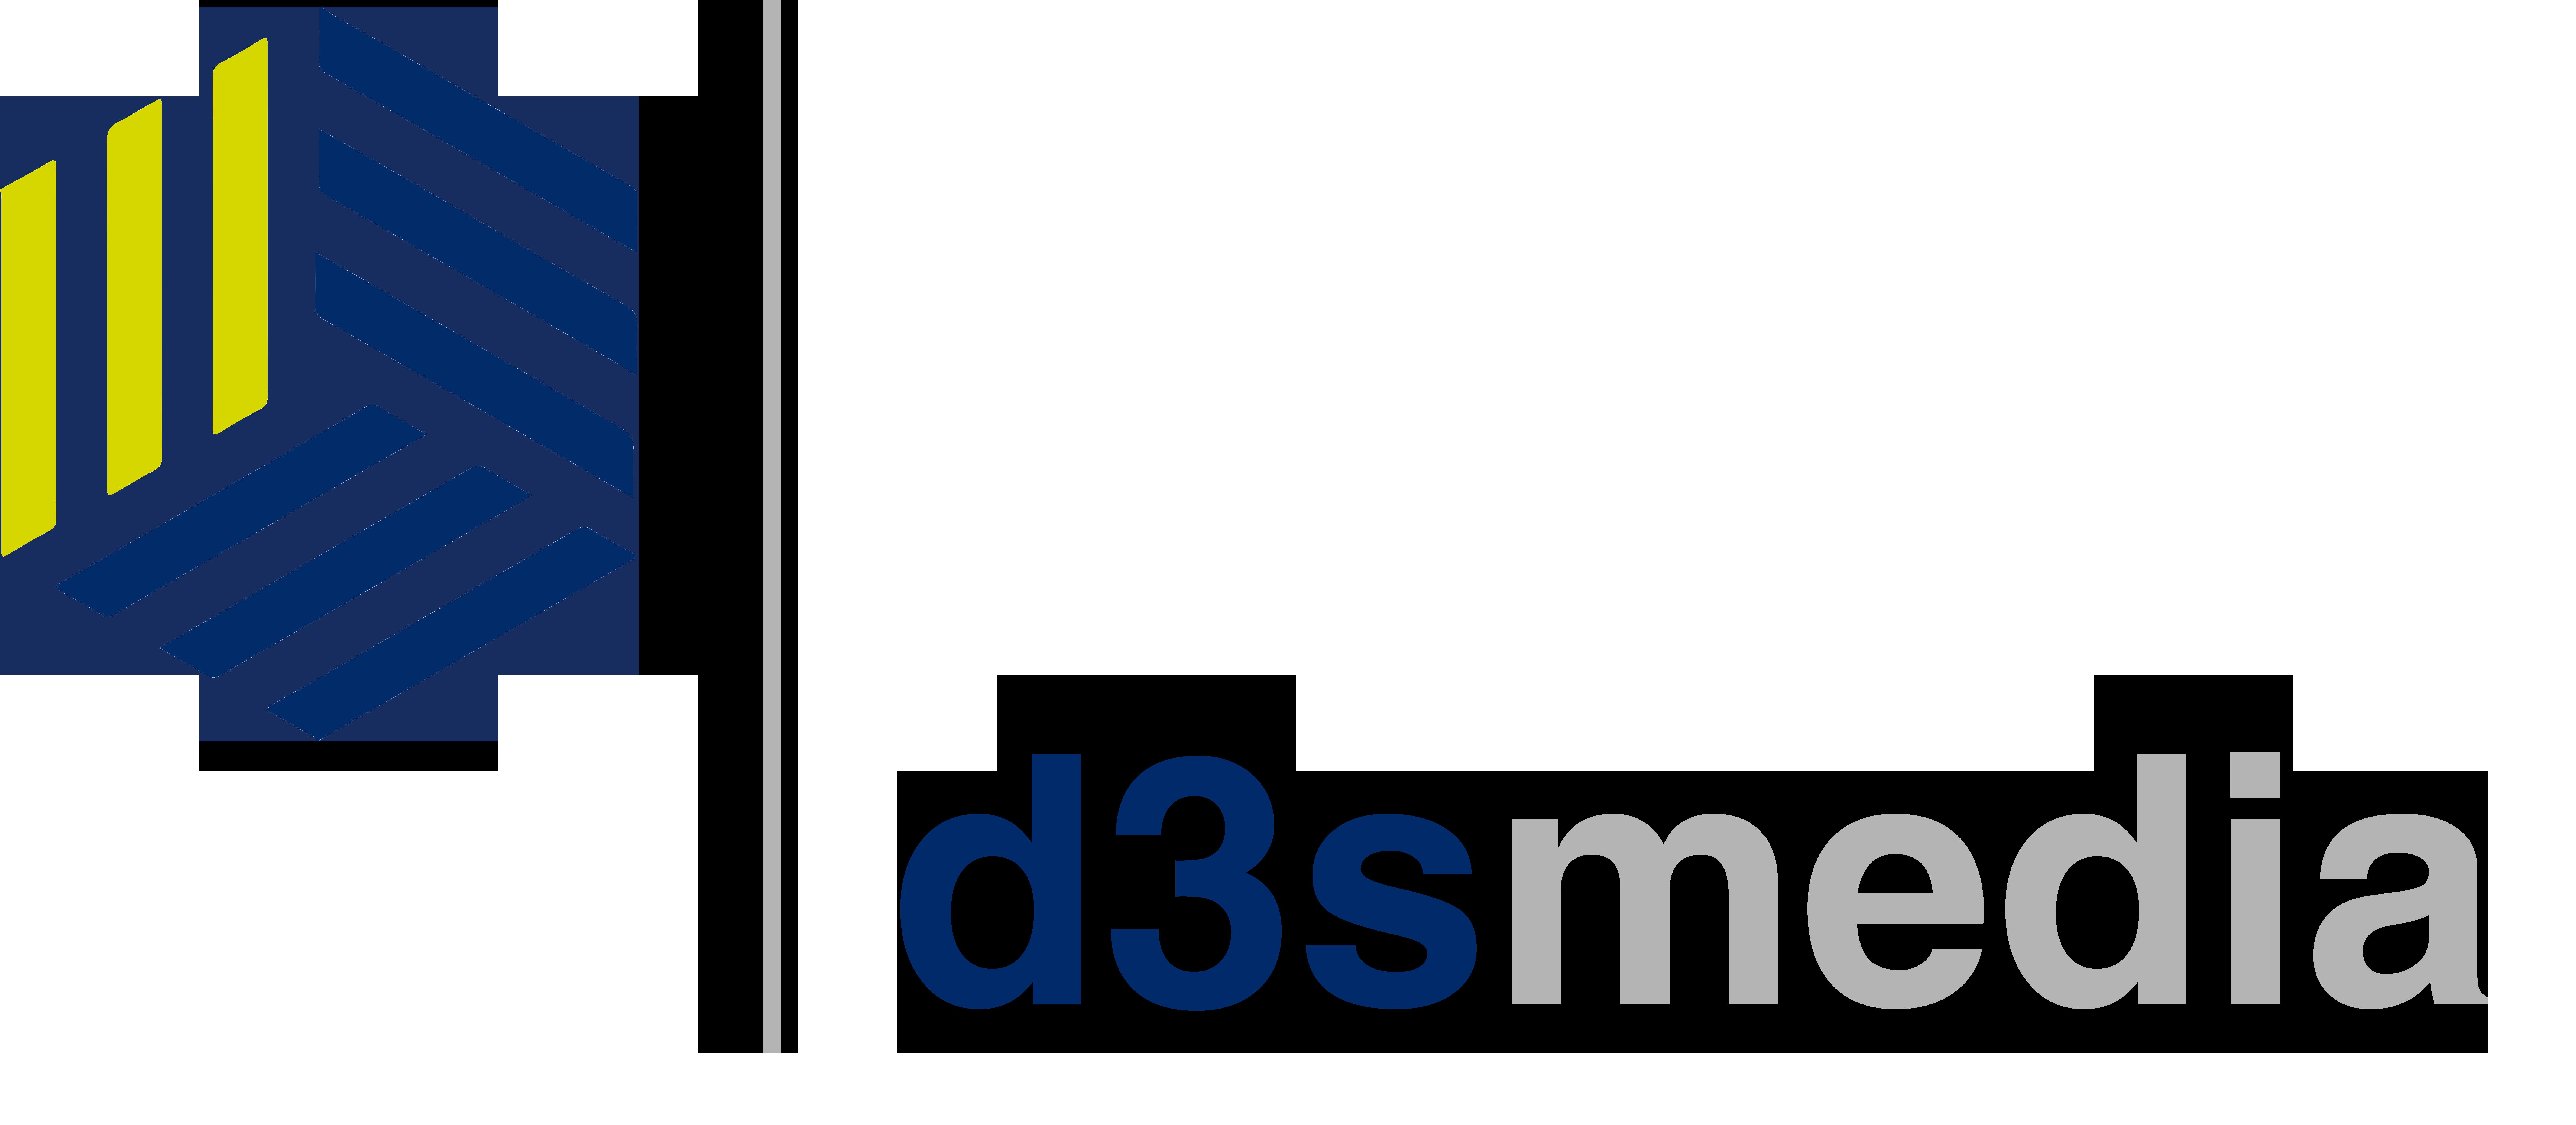 Das neue Unternehmenslogo der D3Smedia UG (haftungsbeschränkt)